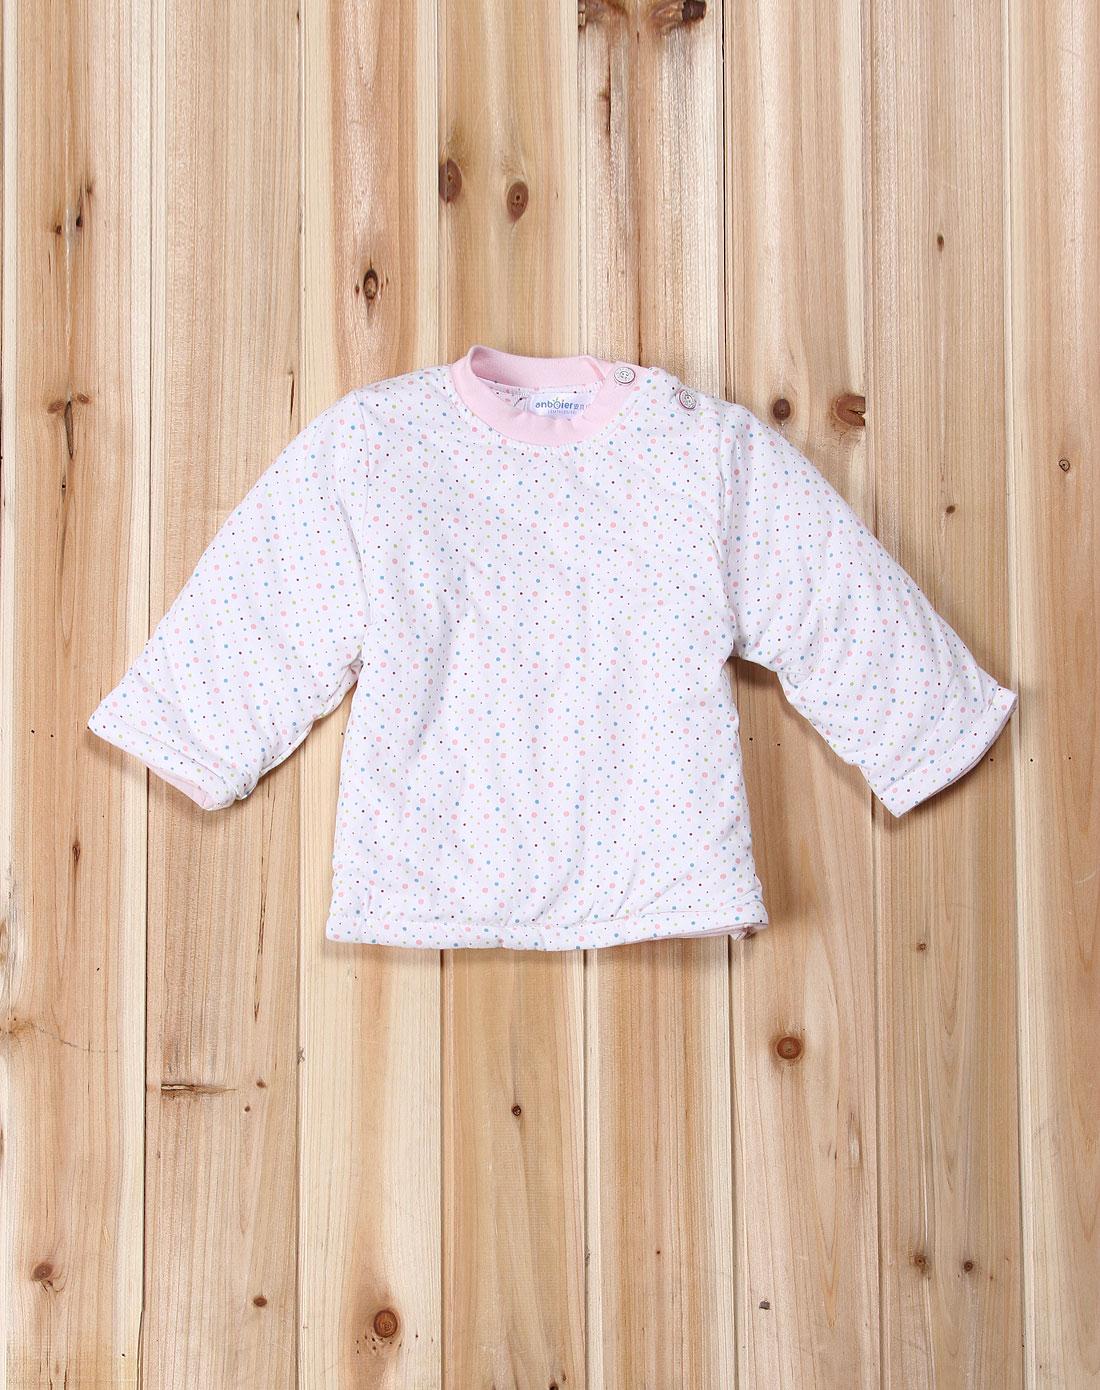 安贝儿 中性粉色芭比兔长袖二件棉套